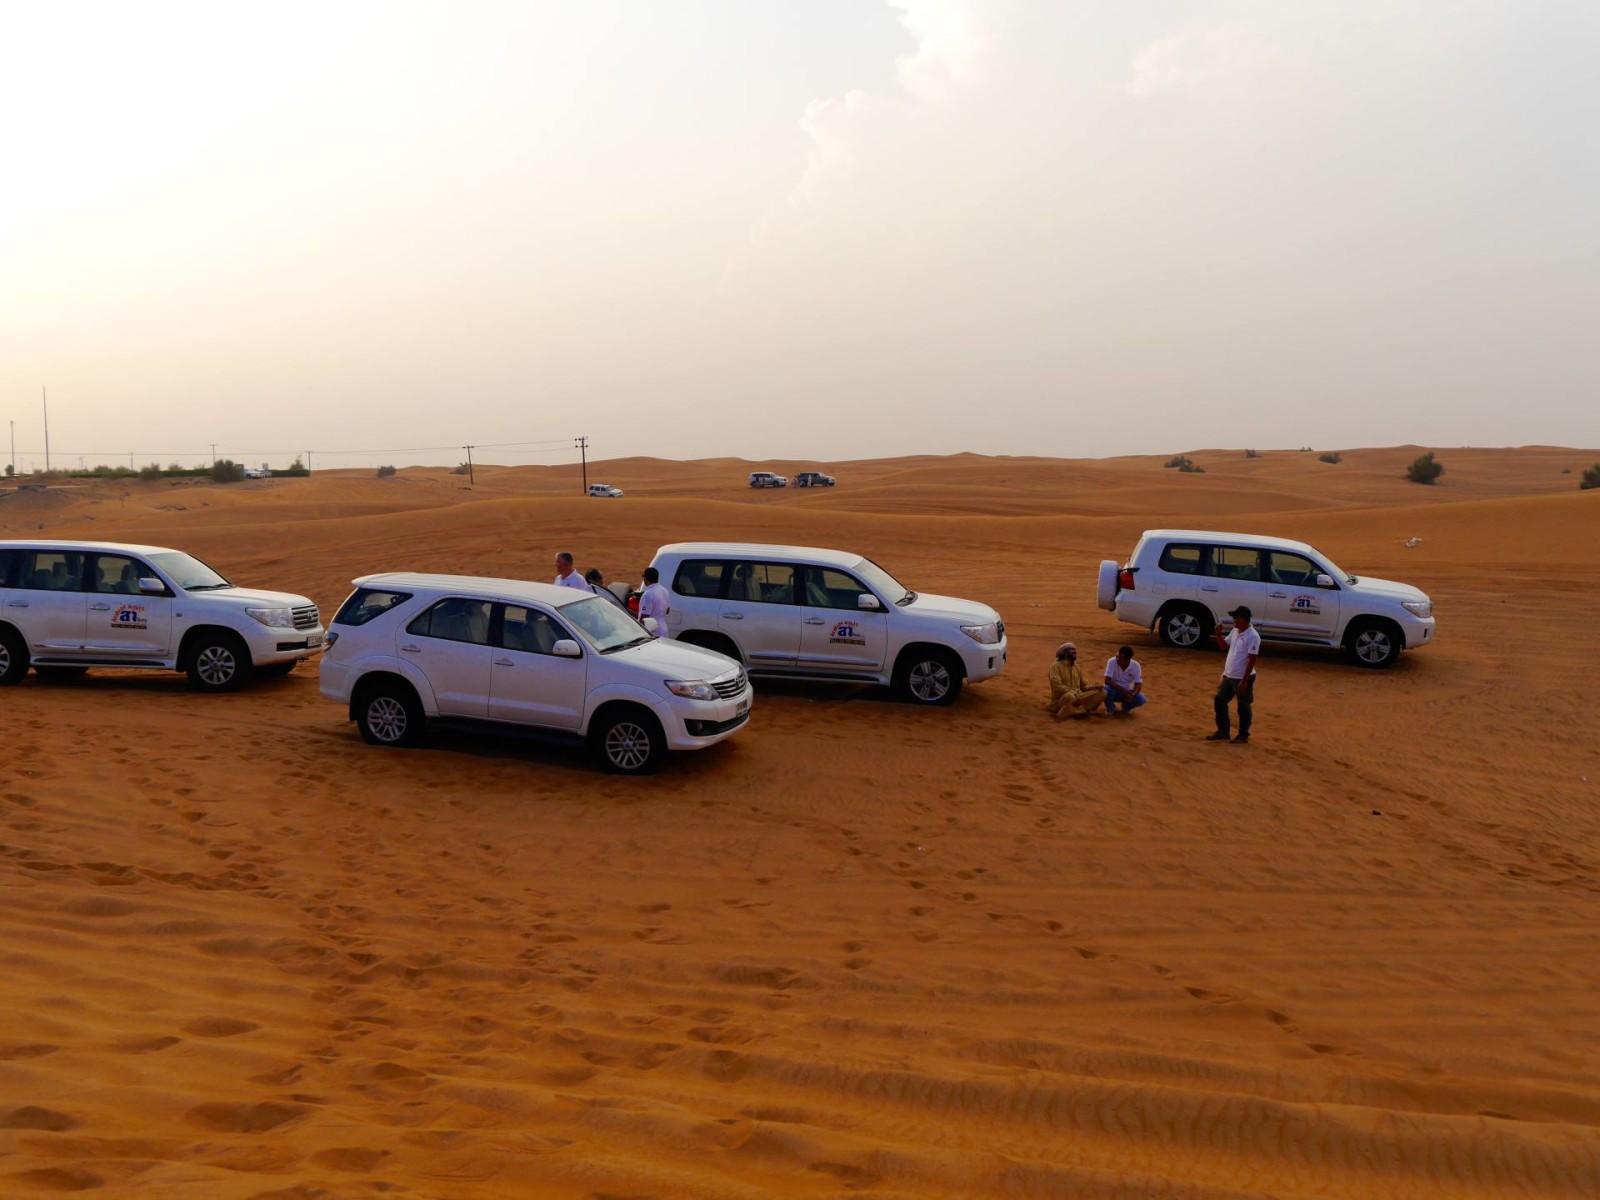 dubai-desert-sand-dune-bashing-jeeps